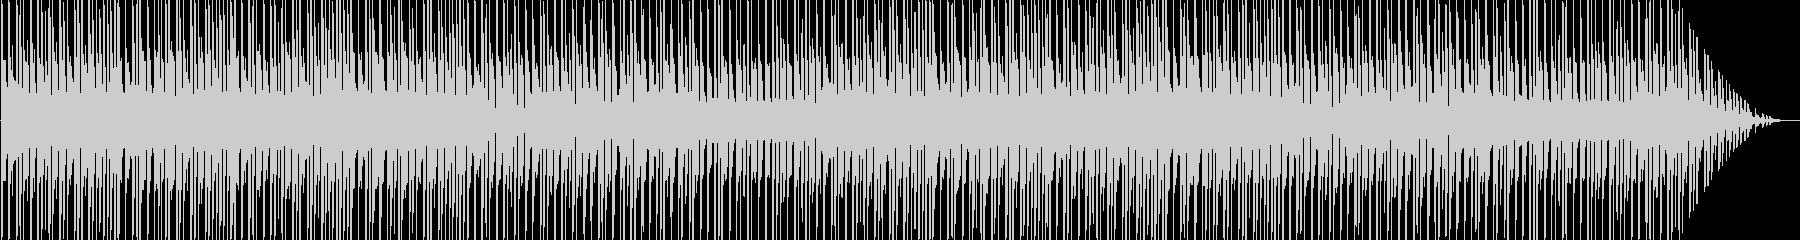 アップテンポのキラキラしたテクノ音の未再生の波形